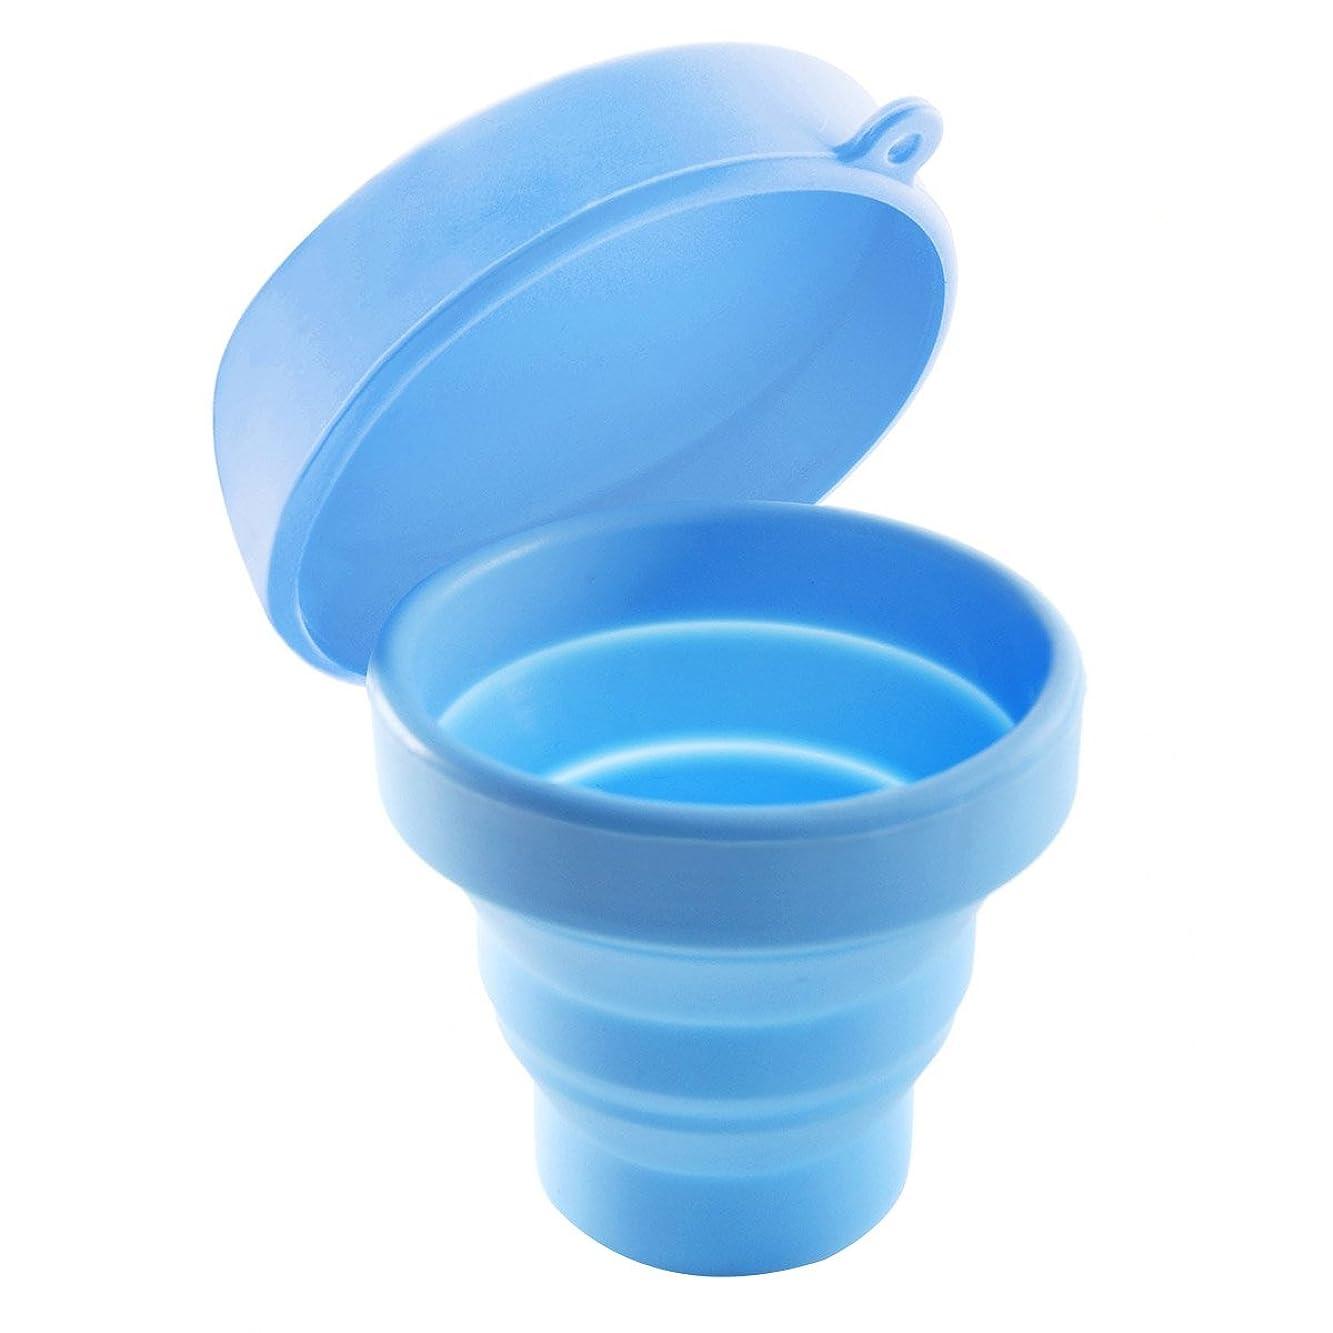 スティックフォローバトルROSENICE 折りたたみ式カップ(蓋付き)ポータブルポップアップカップ(キャンプ用)ピクニックハイキングアウトドアアクティビティ(ブルー)